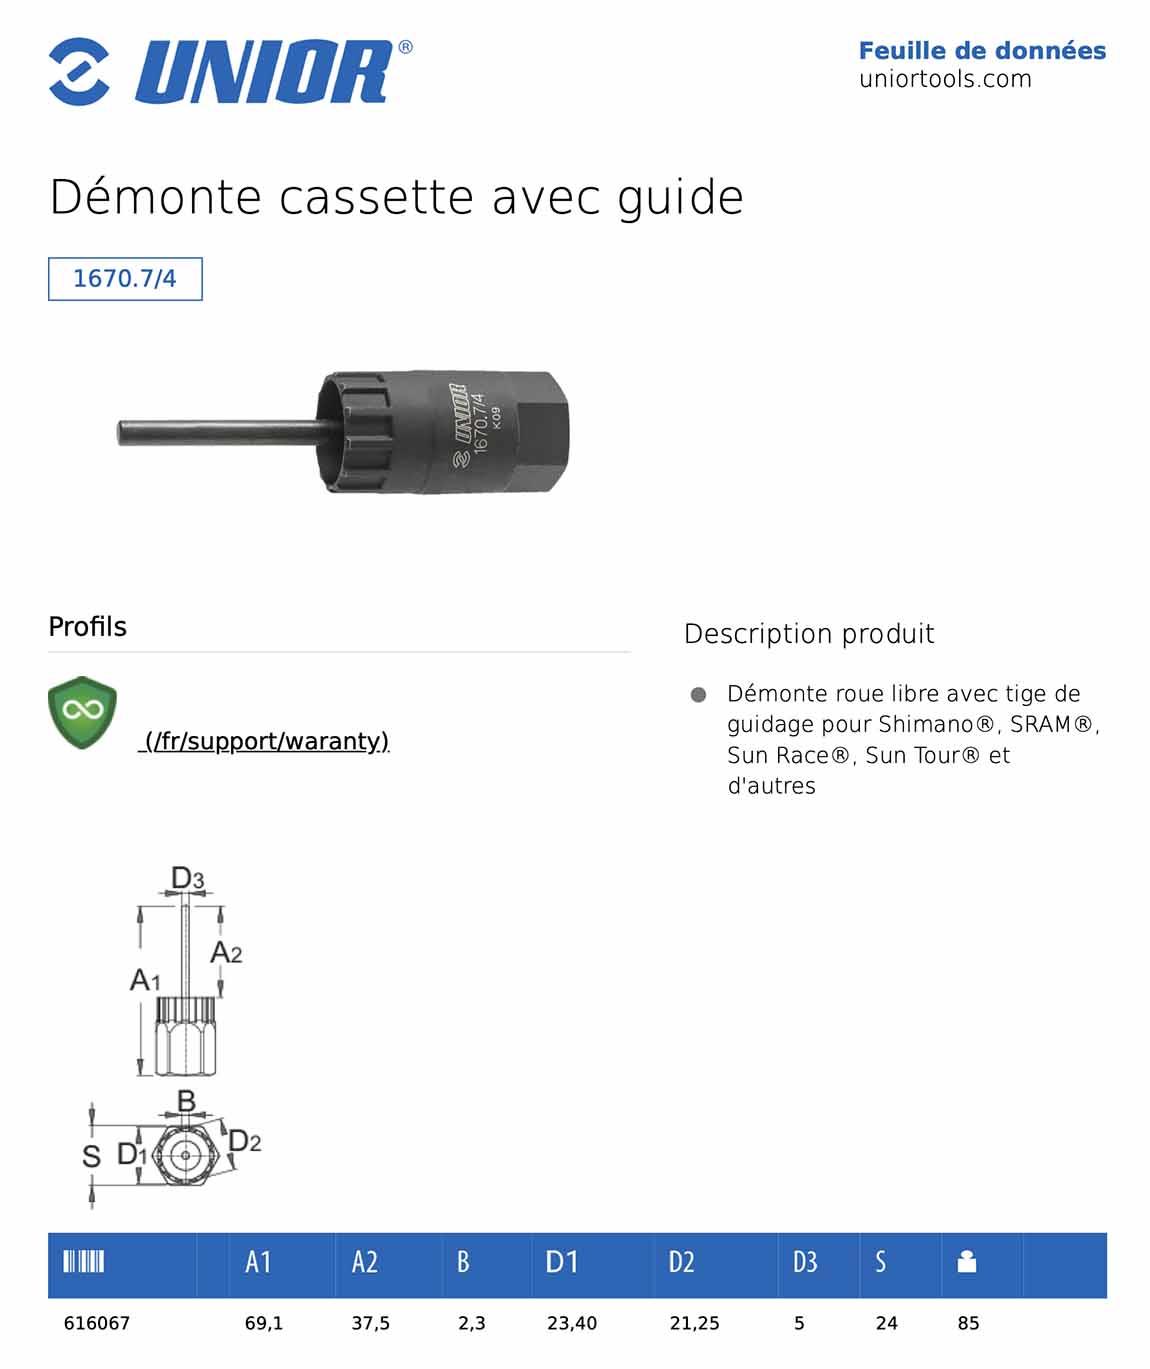 fiche démonte cassette UNIOR 1670.7/4 avec guide